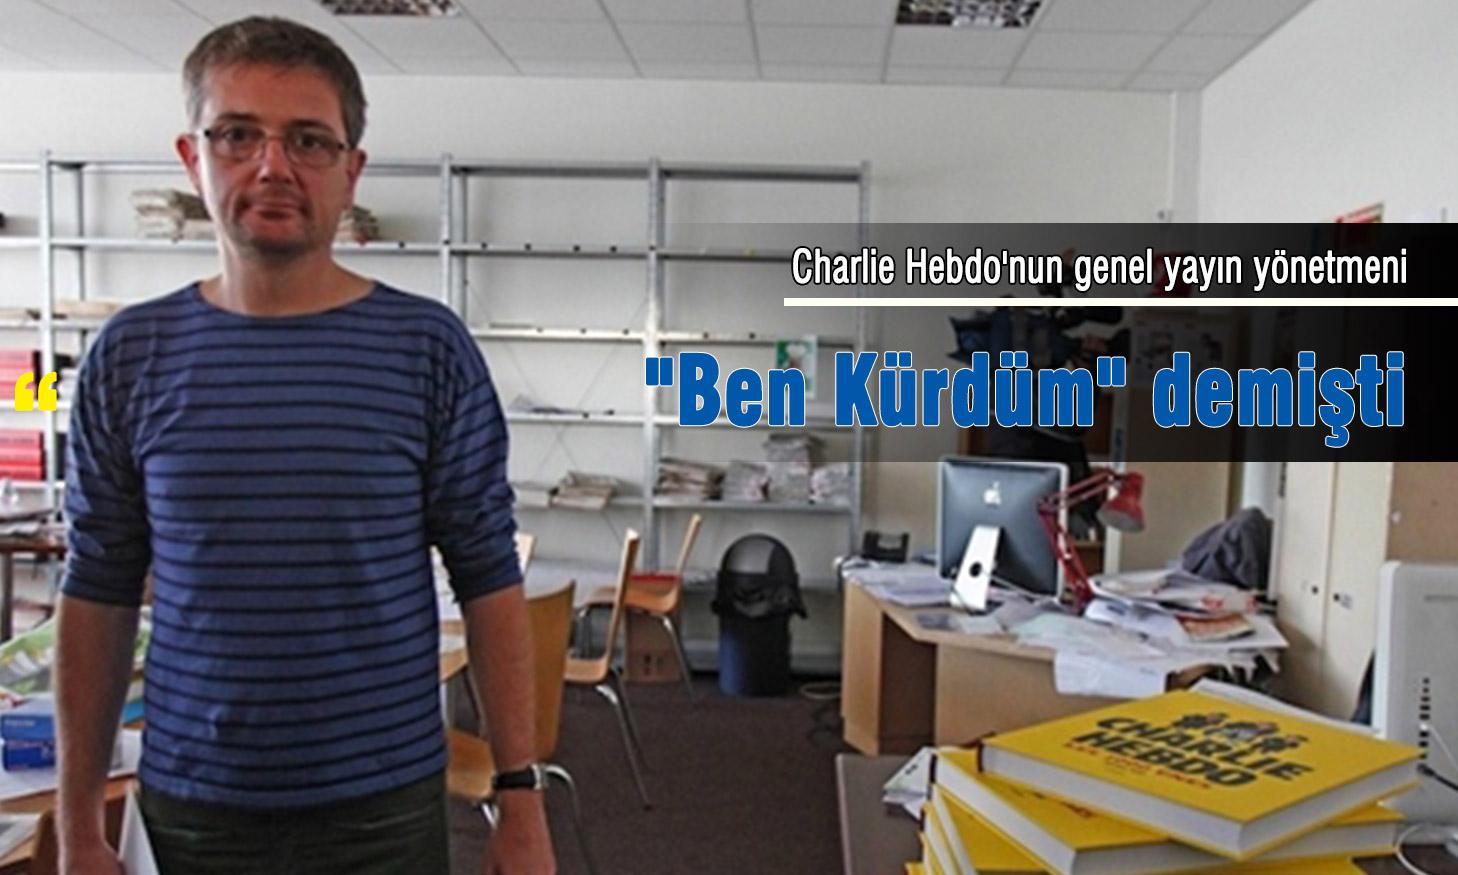 Charlie Hebdo'nun genel yayın yönetmeni